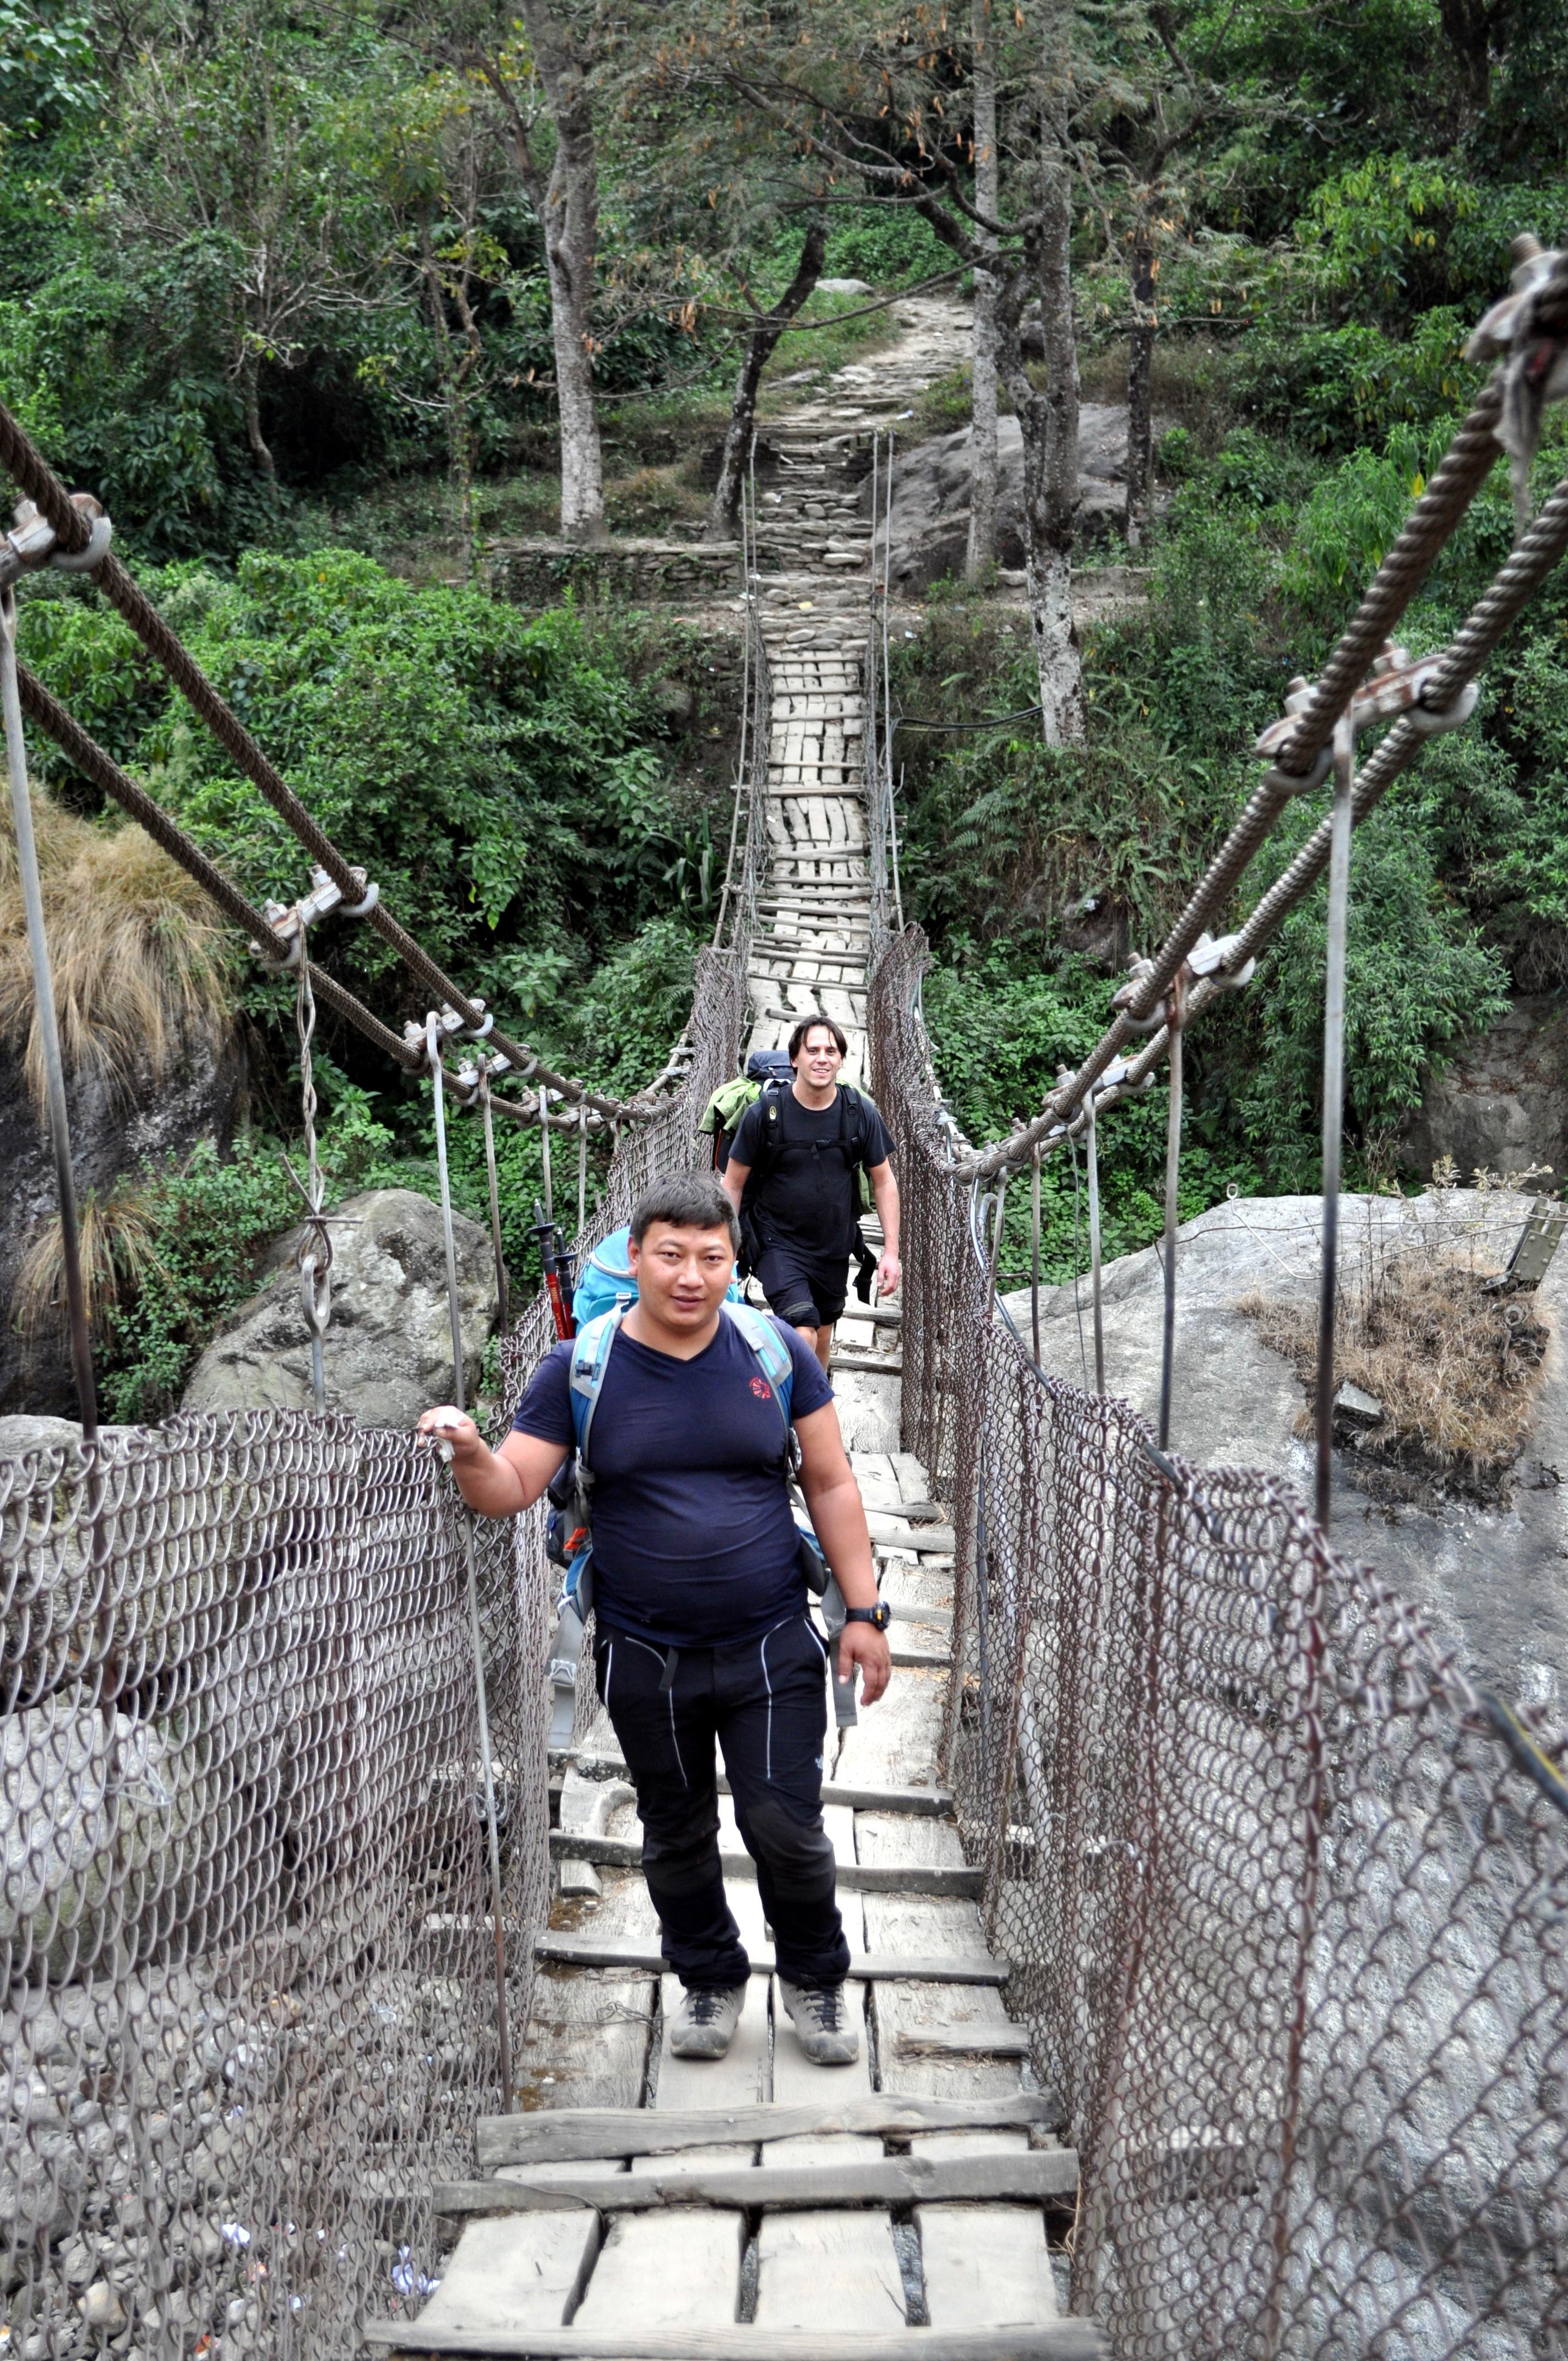 Ram (la nostra guida) e io in attraversamento del primo ponte del nostro viaggio